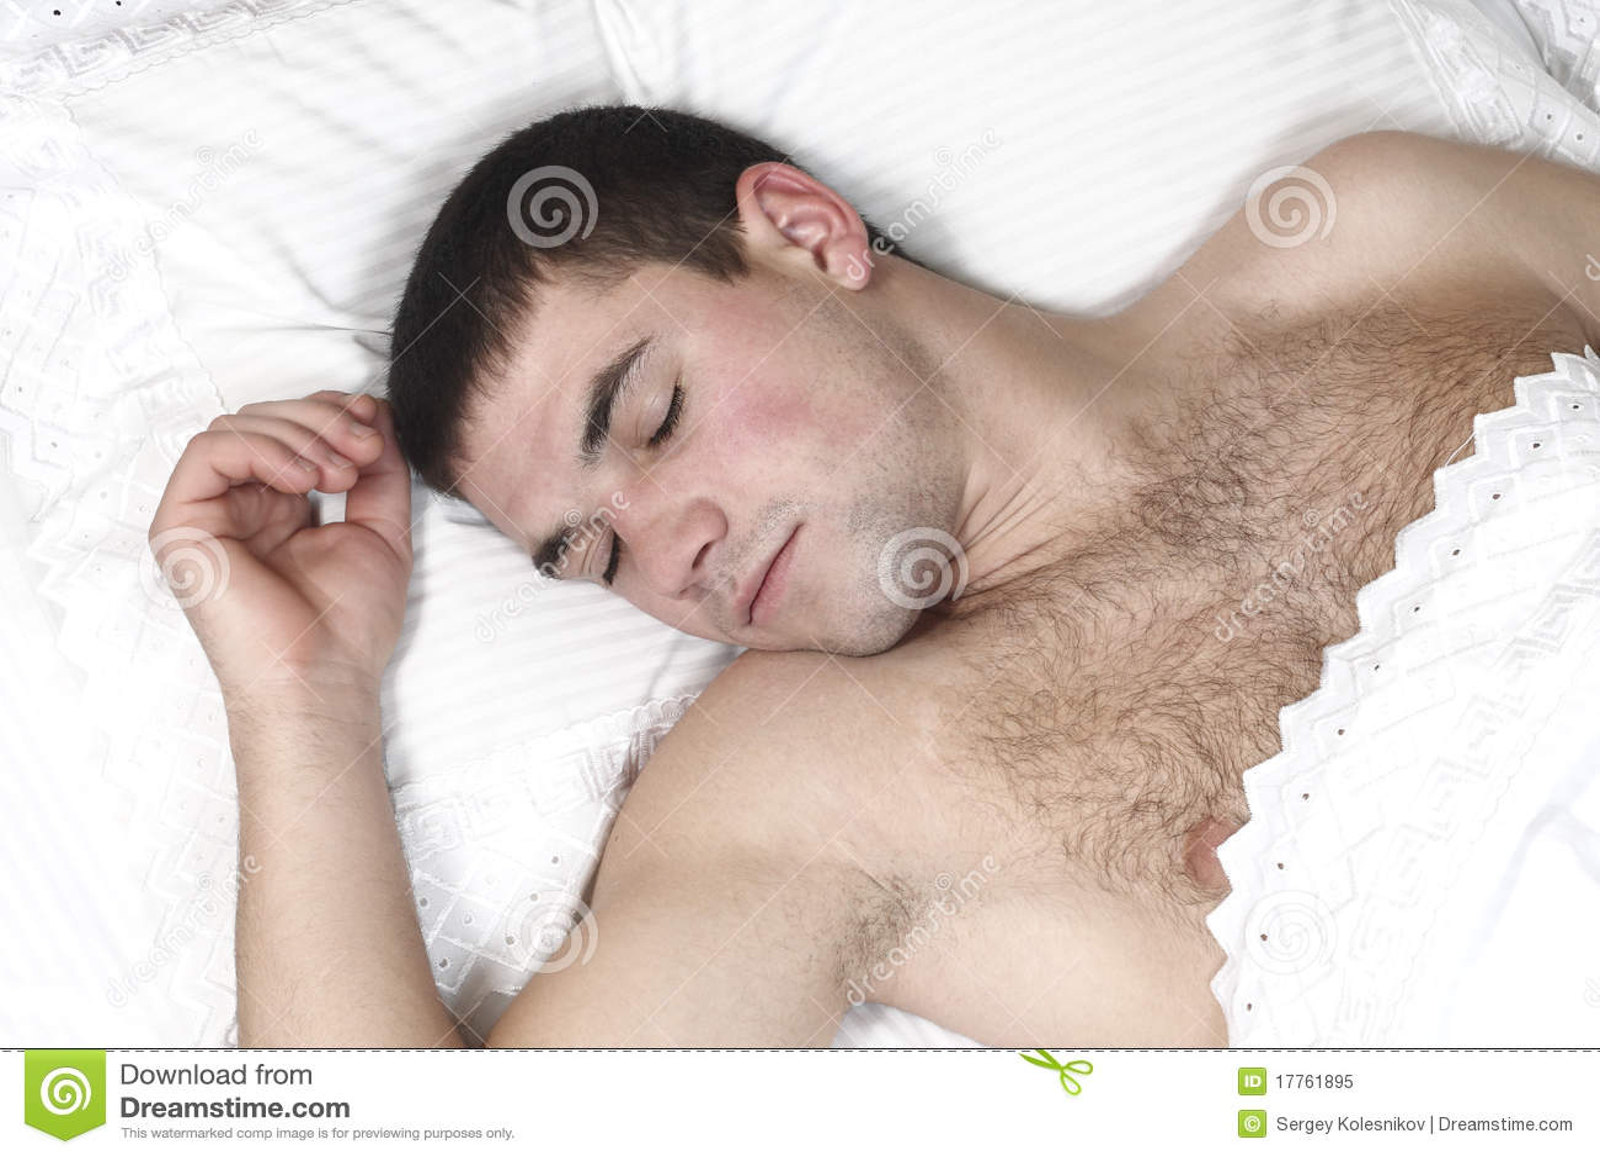 Члены спящих парней фото, Голые парни и мужчины (34 фото) Фото голых парней 21 фотография